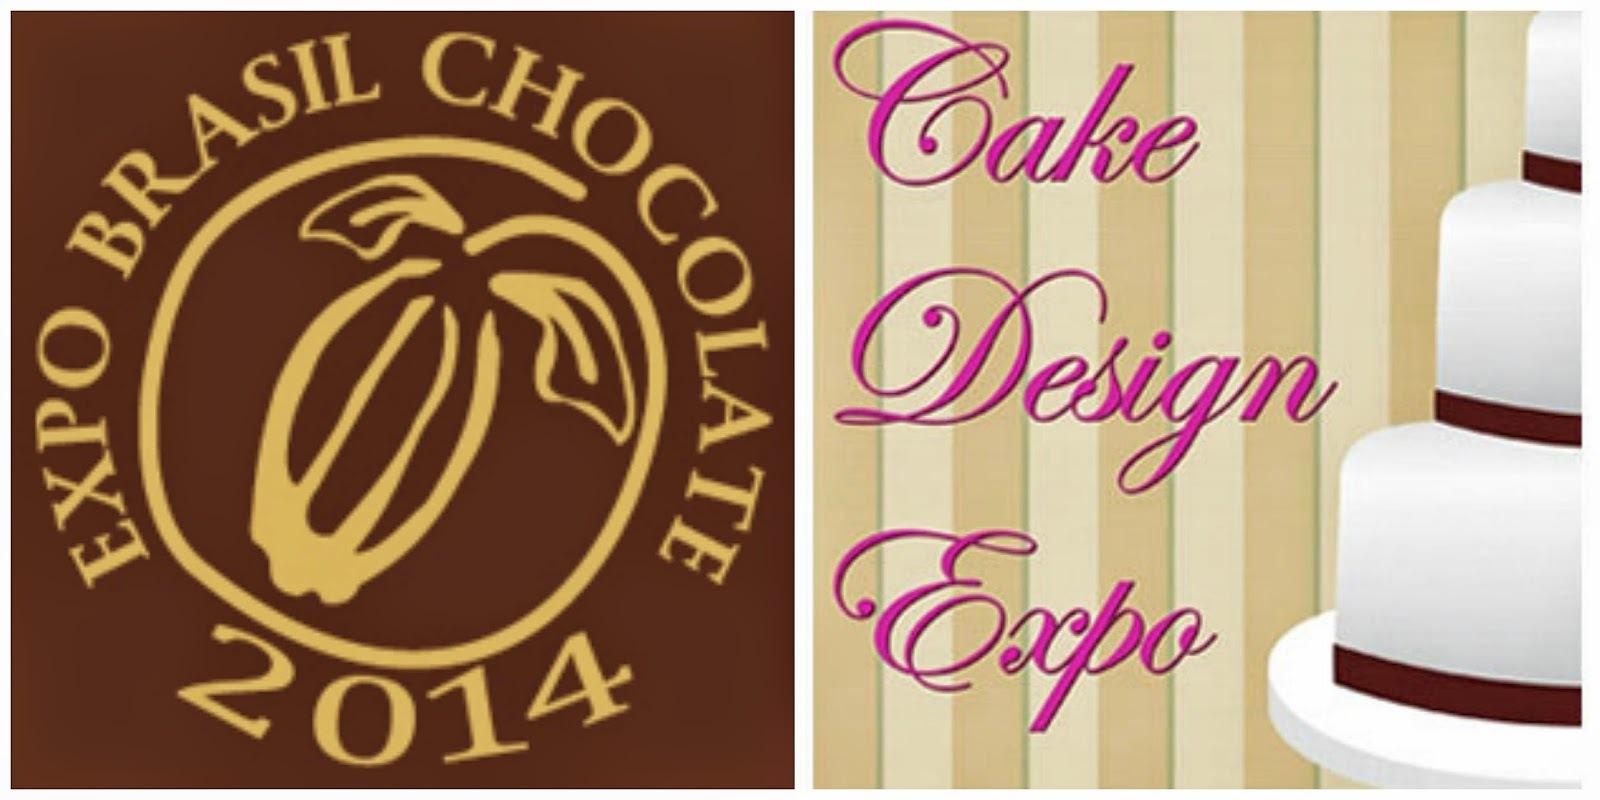 Expo Brasil Chocolate 2014, Cake Design Expo e Evento Casa União - parte II